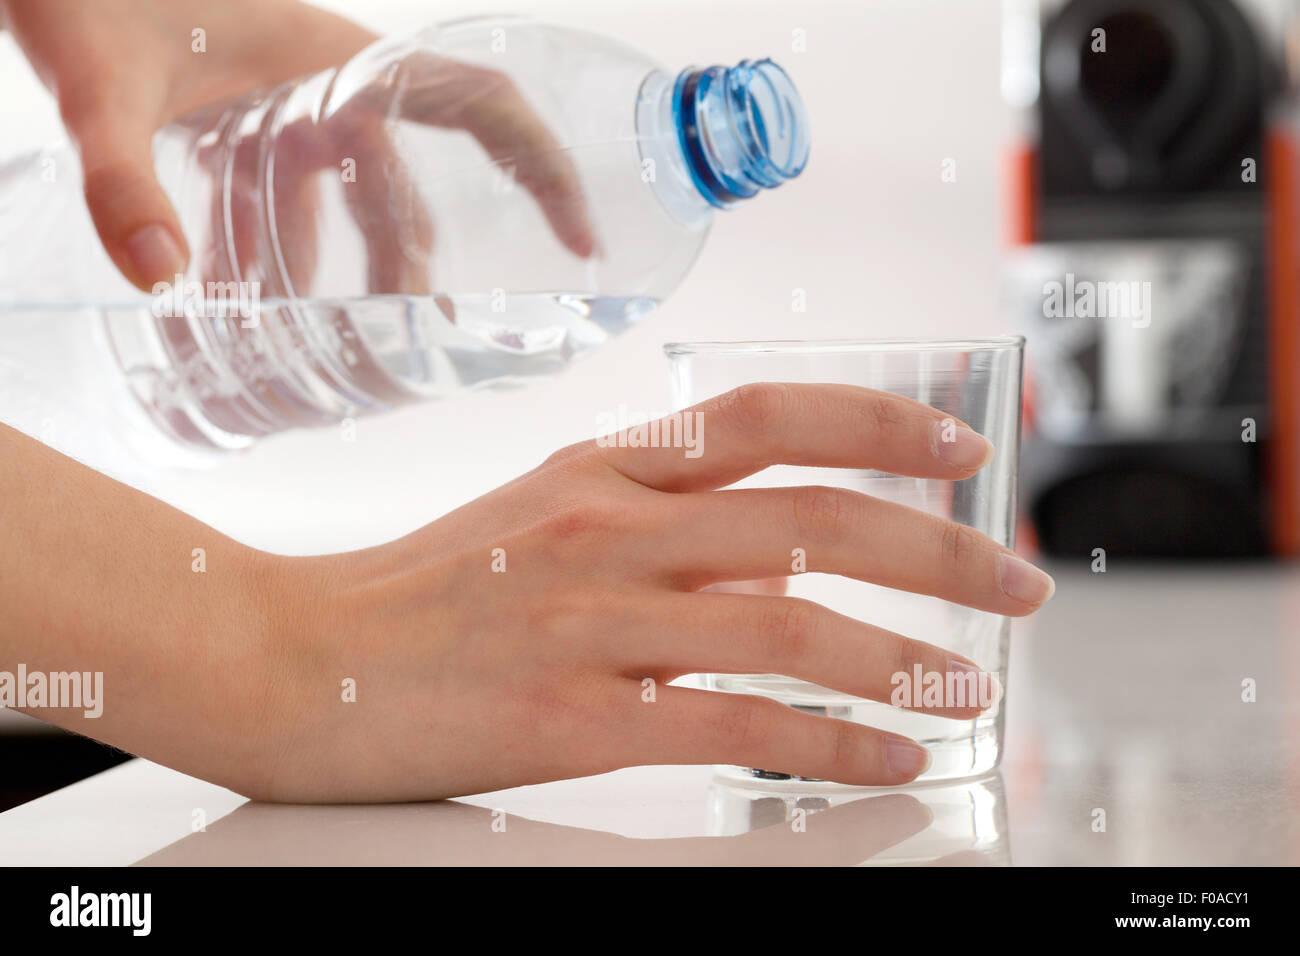 Manos femeninas vertiendo agua embotellada en cristal Imagen De Stock